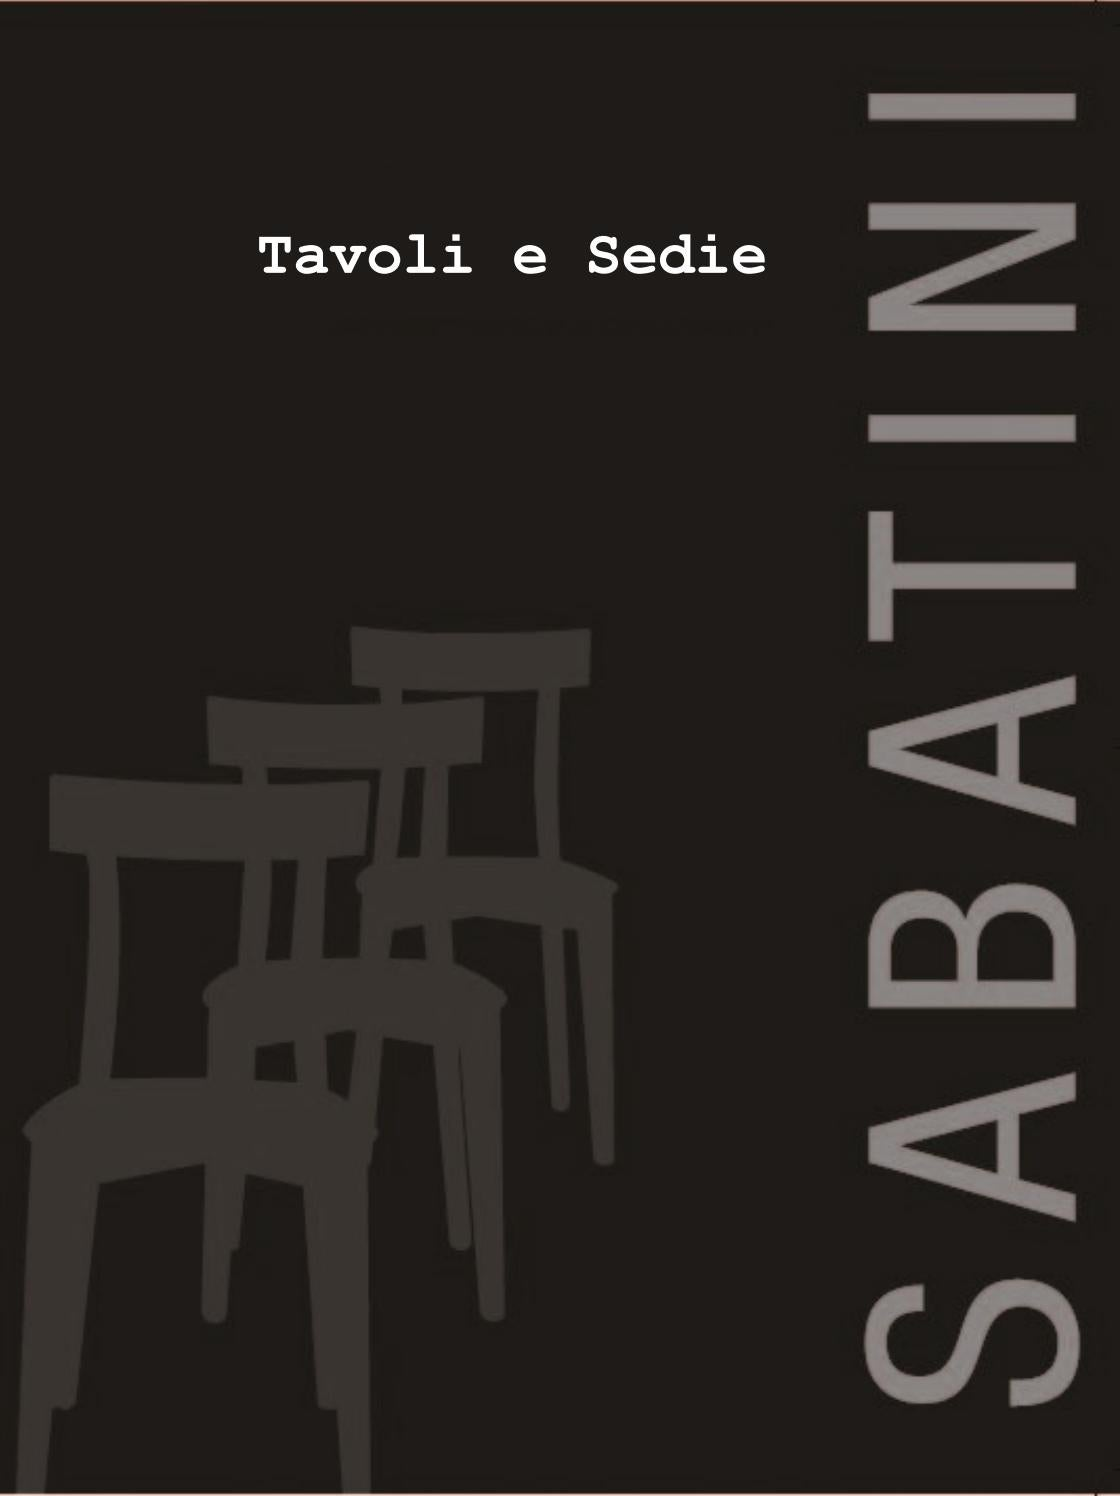 Sabatini Tavoli E Sedie.Tavoli E Sedie By Milleunoidee Issuu